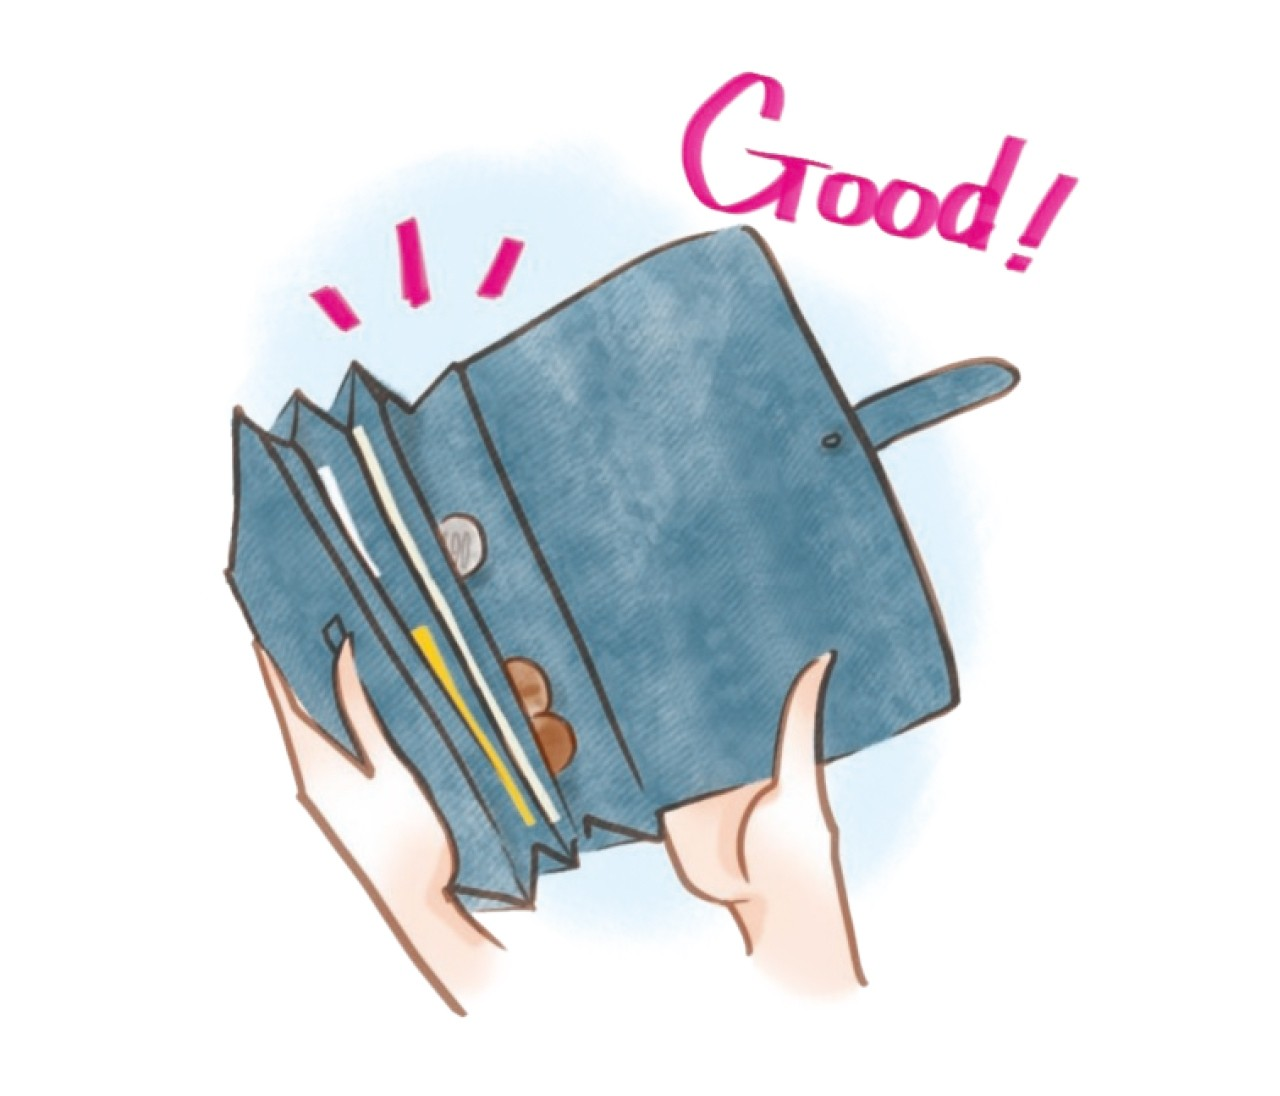 【2020開運】お金を呼ぶ!貯まる!金運がアガる財布の使い方